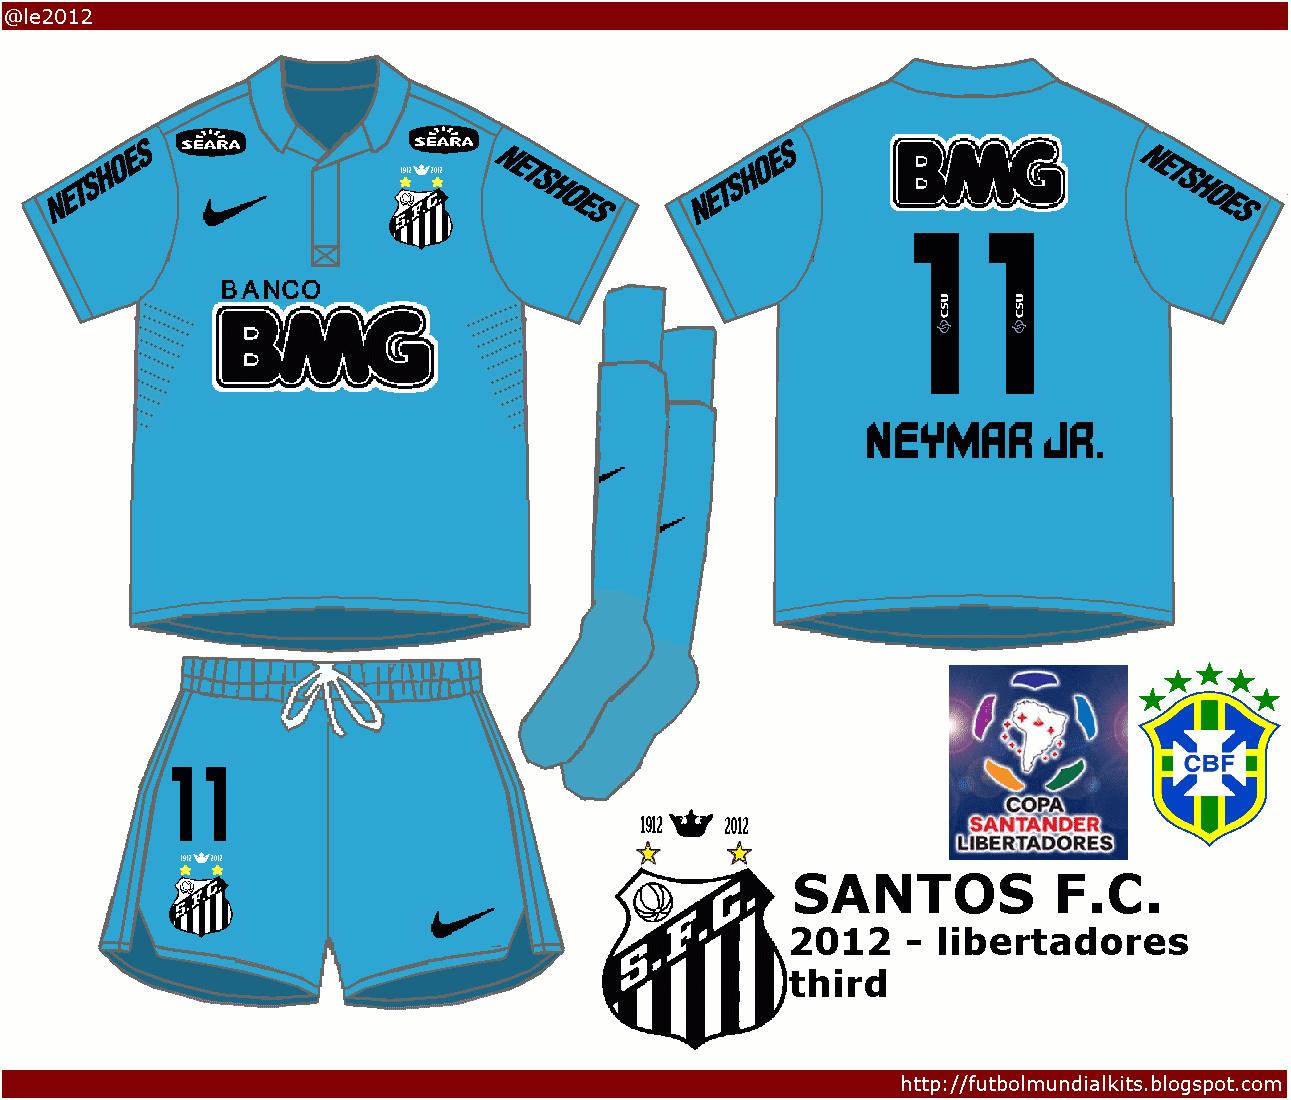 Fútbol Mundial Kits - Uruguay: Santos F. C. 2012 - (